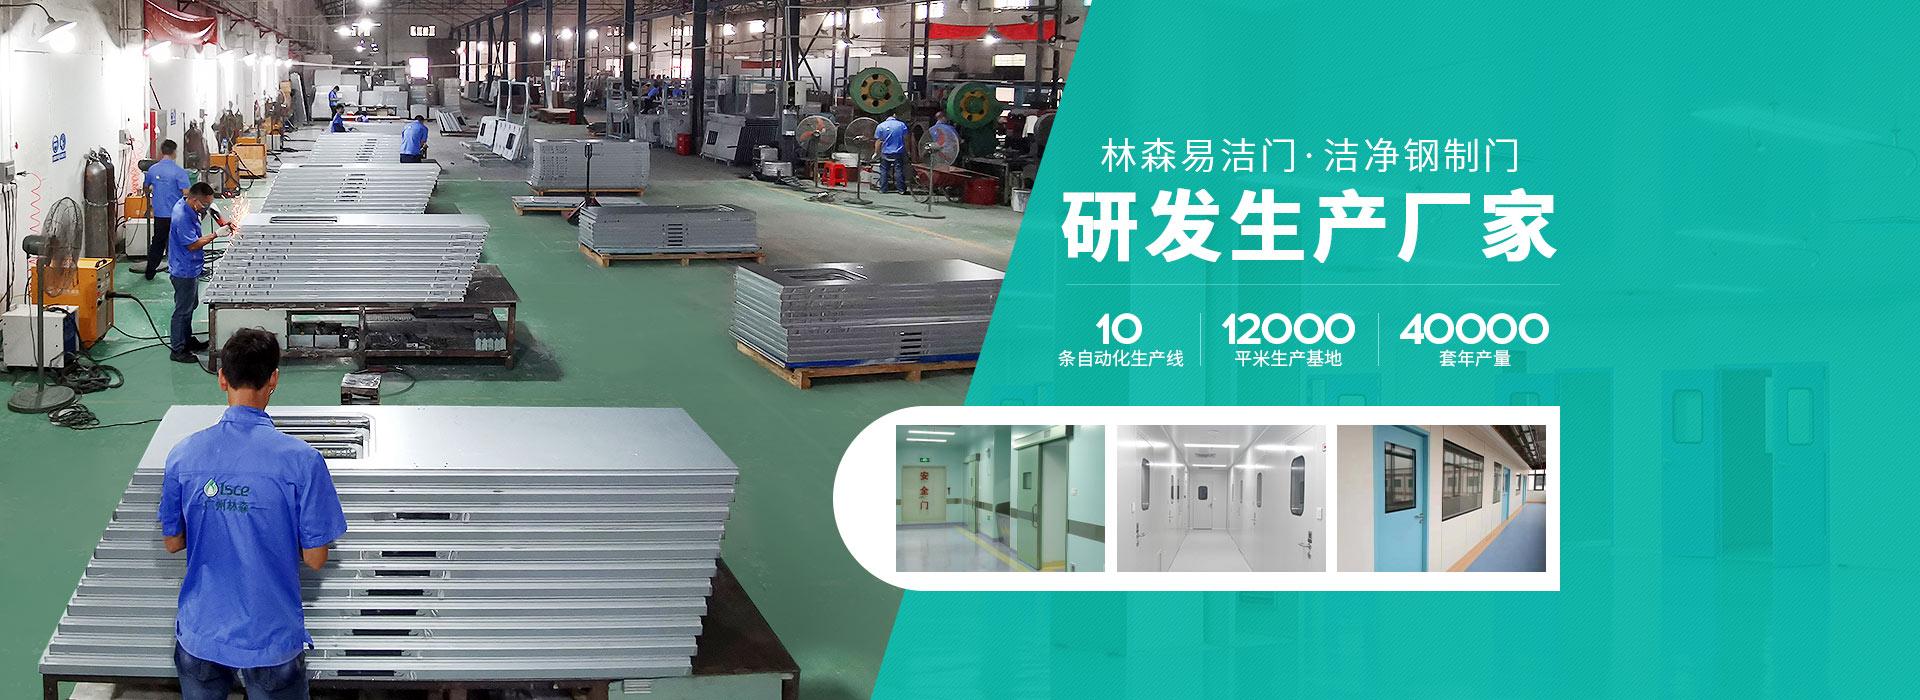 林森易洁门-洁净钢质门研发生产厂家